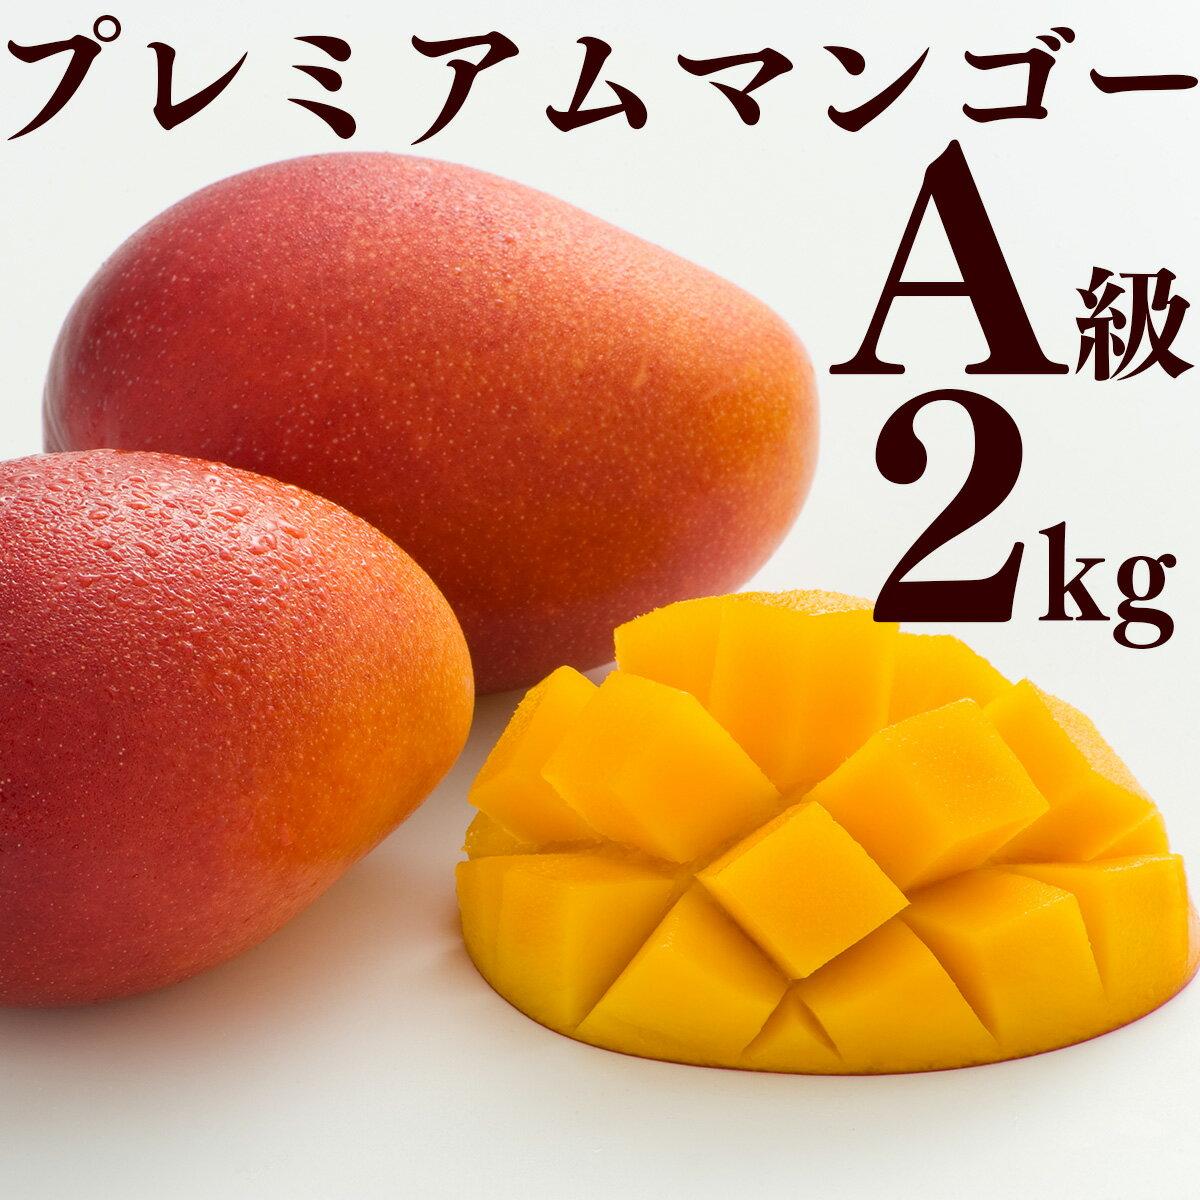 【ふるさと納税】先行予約!南城市産プレミアムアップルマンゴー2kg